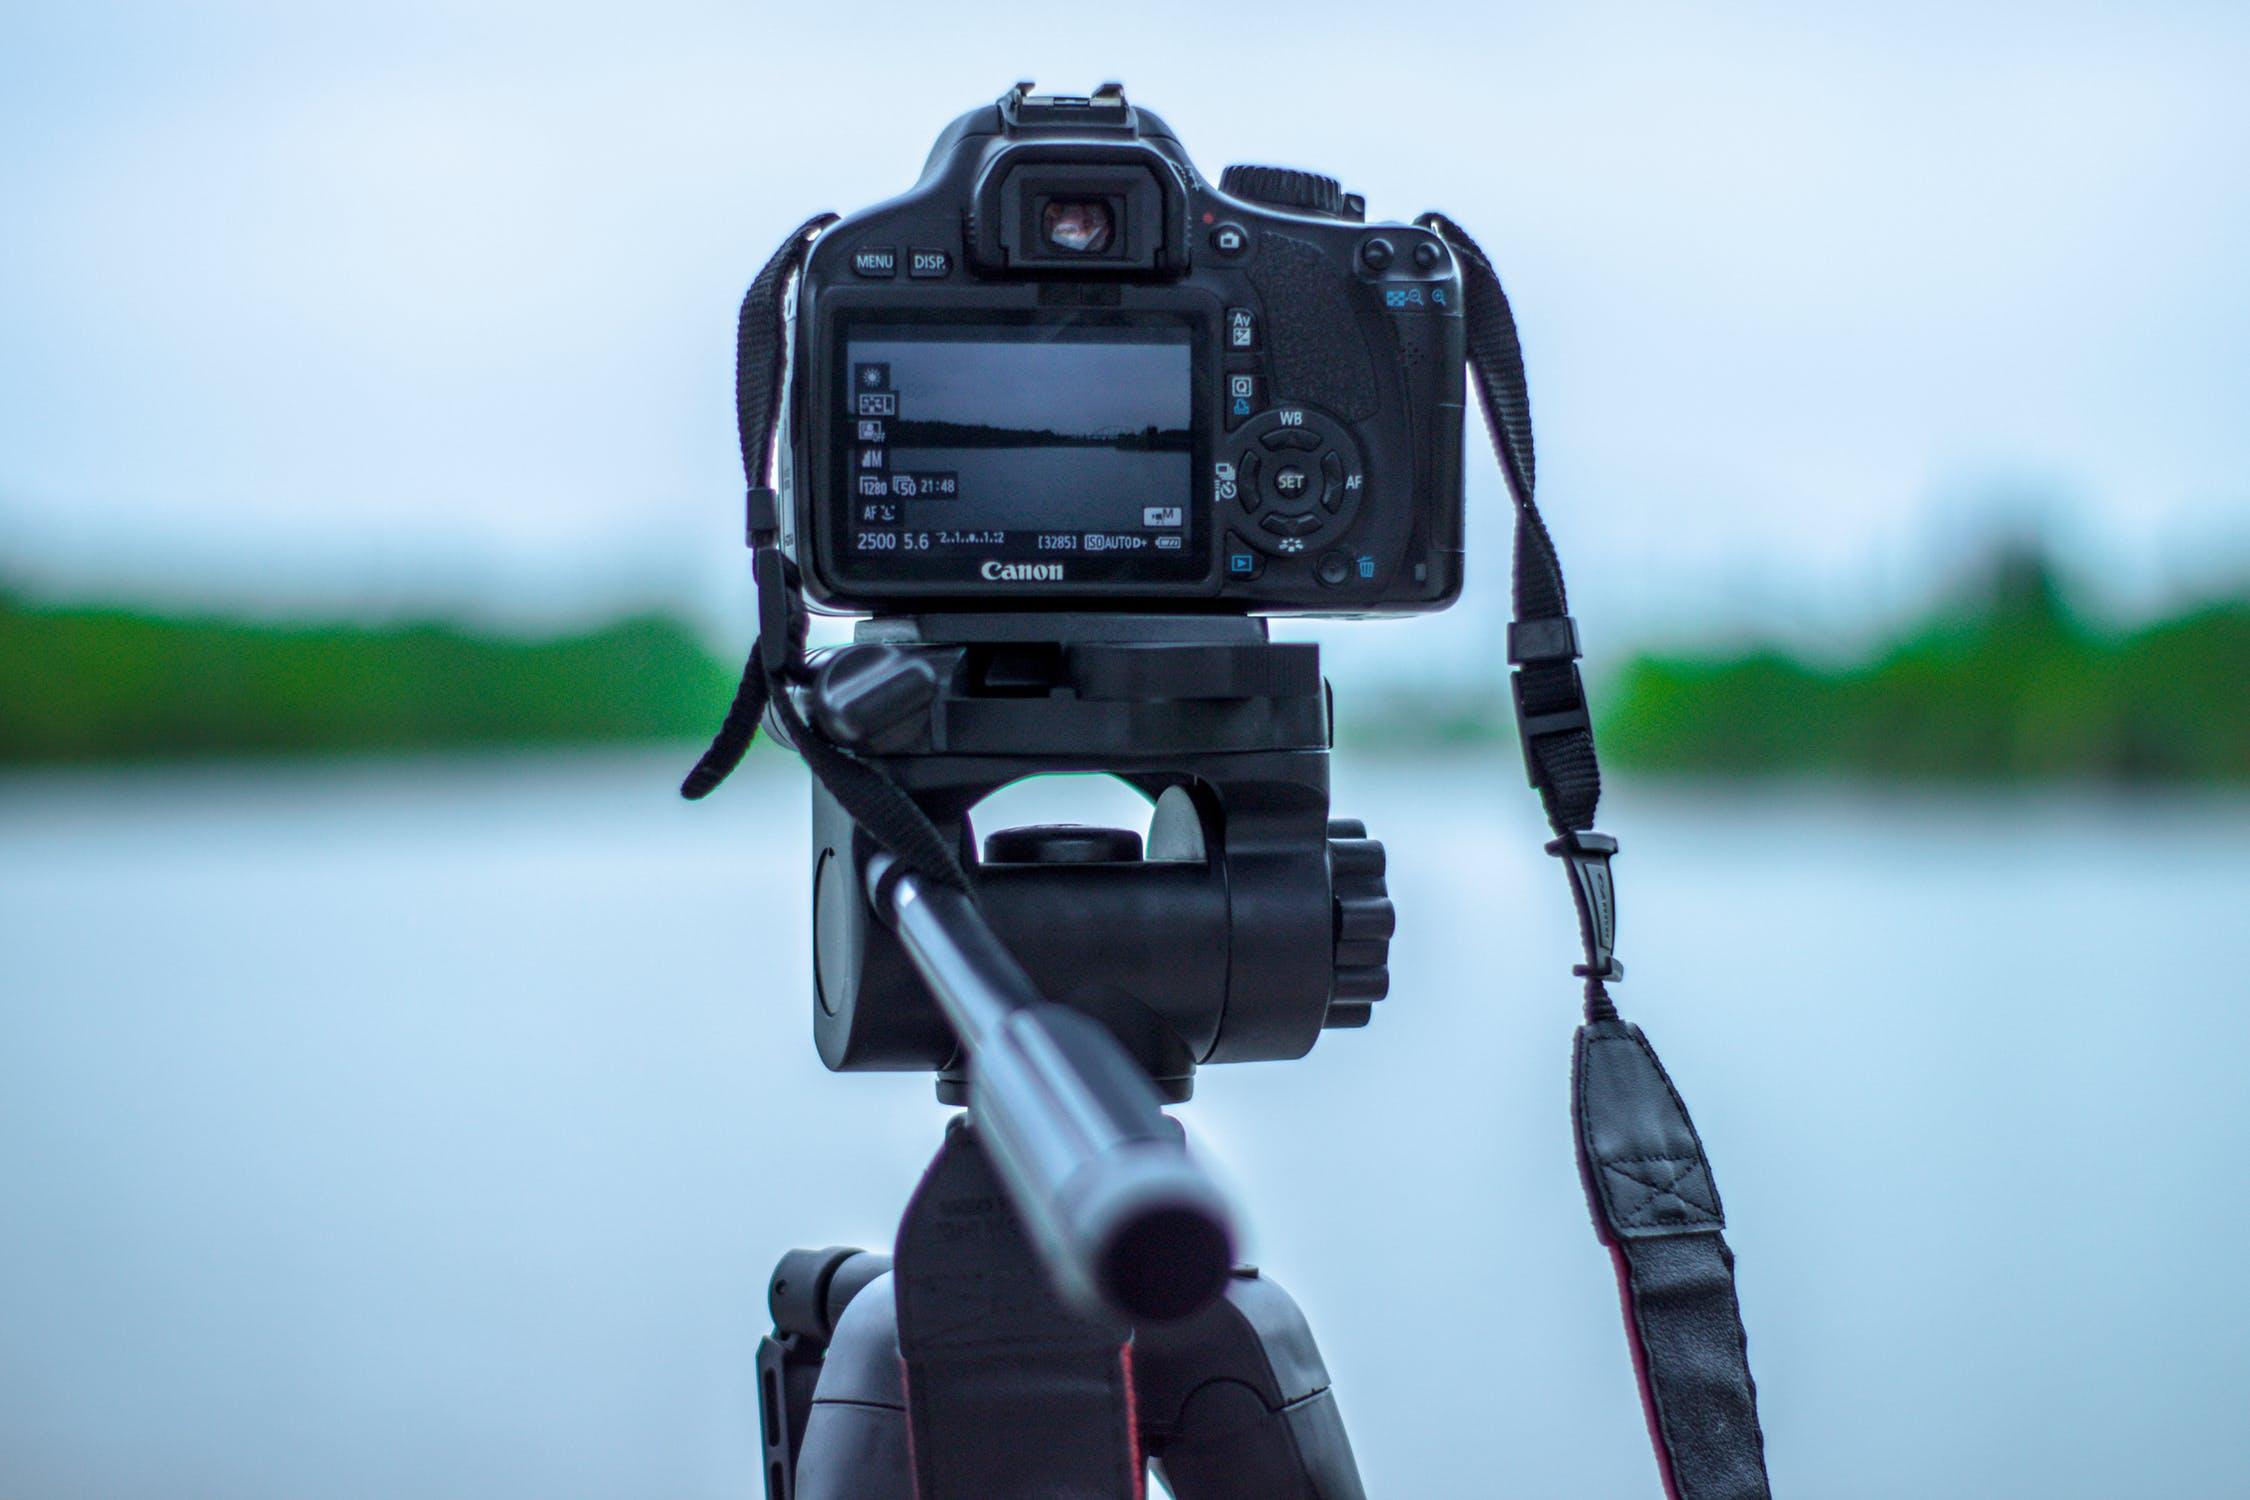 動画/映像素材を利用するメリット